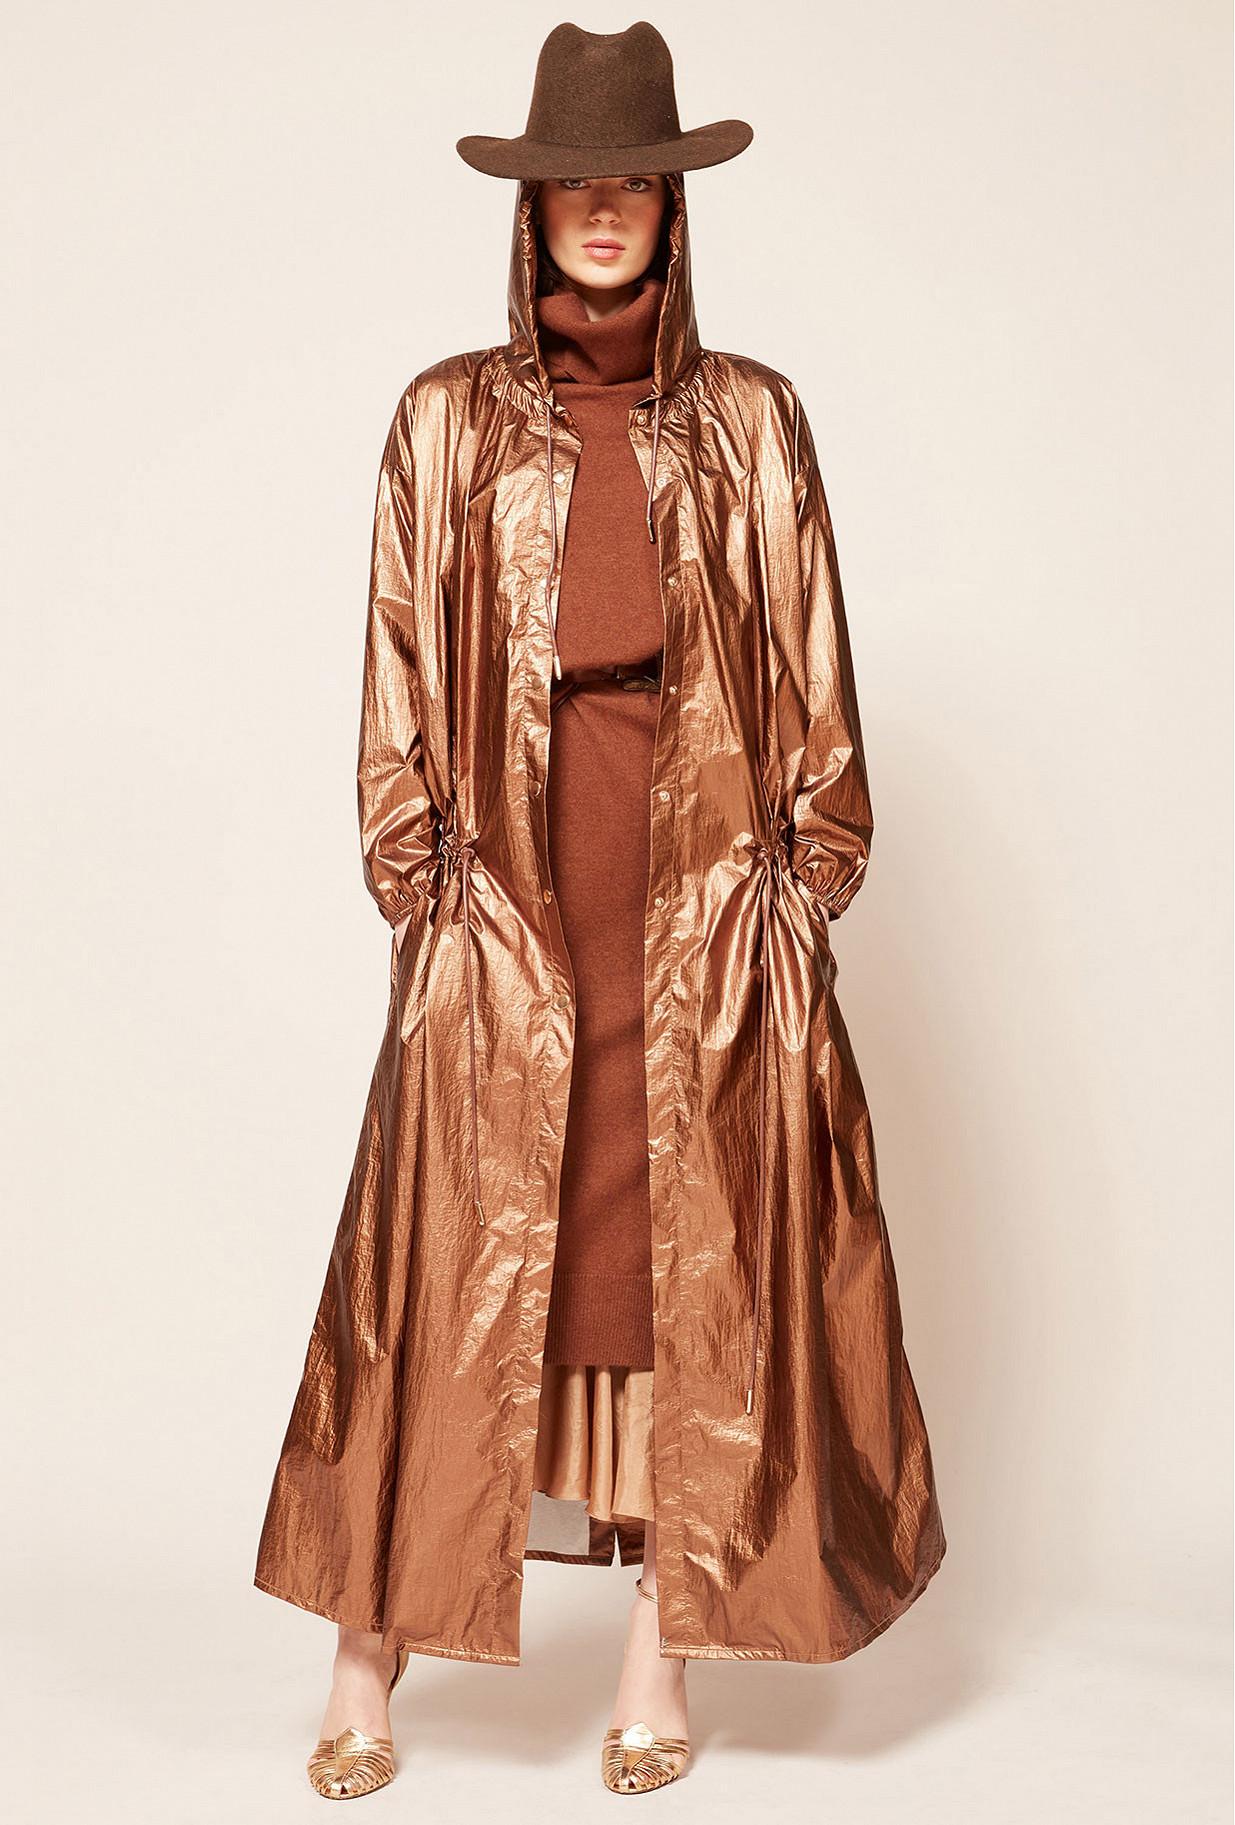 Paris boutique de mode vêtement Manteau créateur bohème  Odyssee